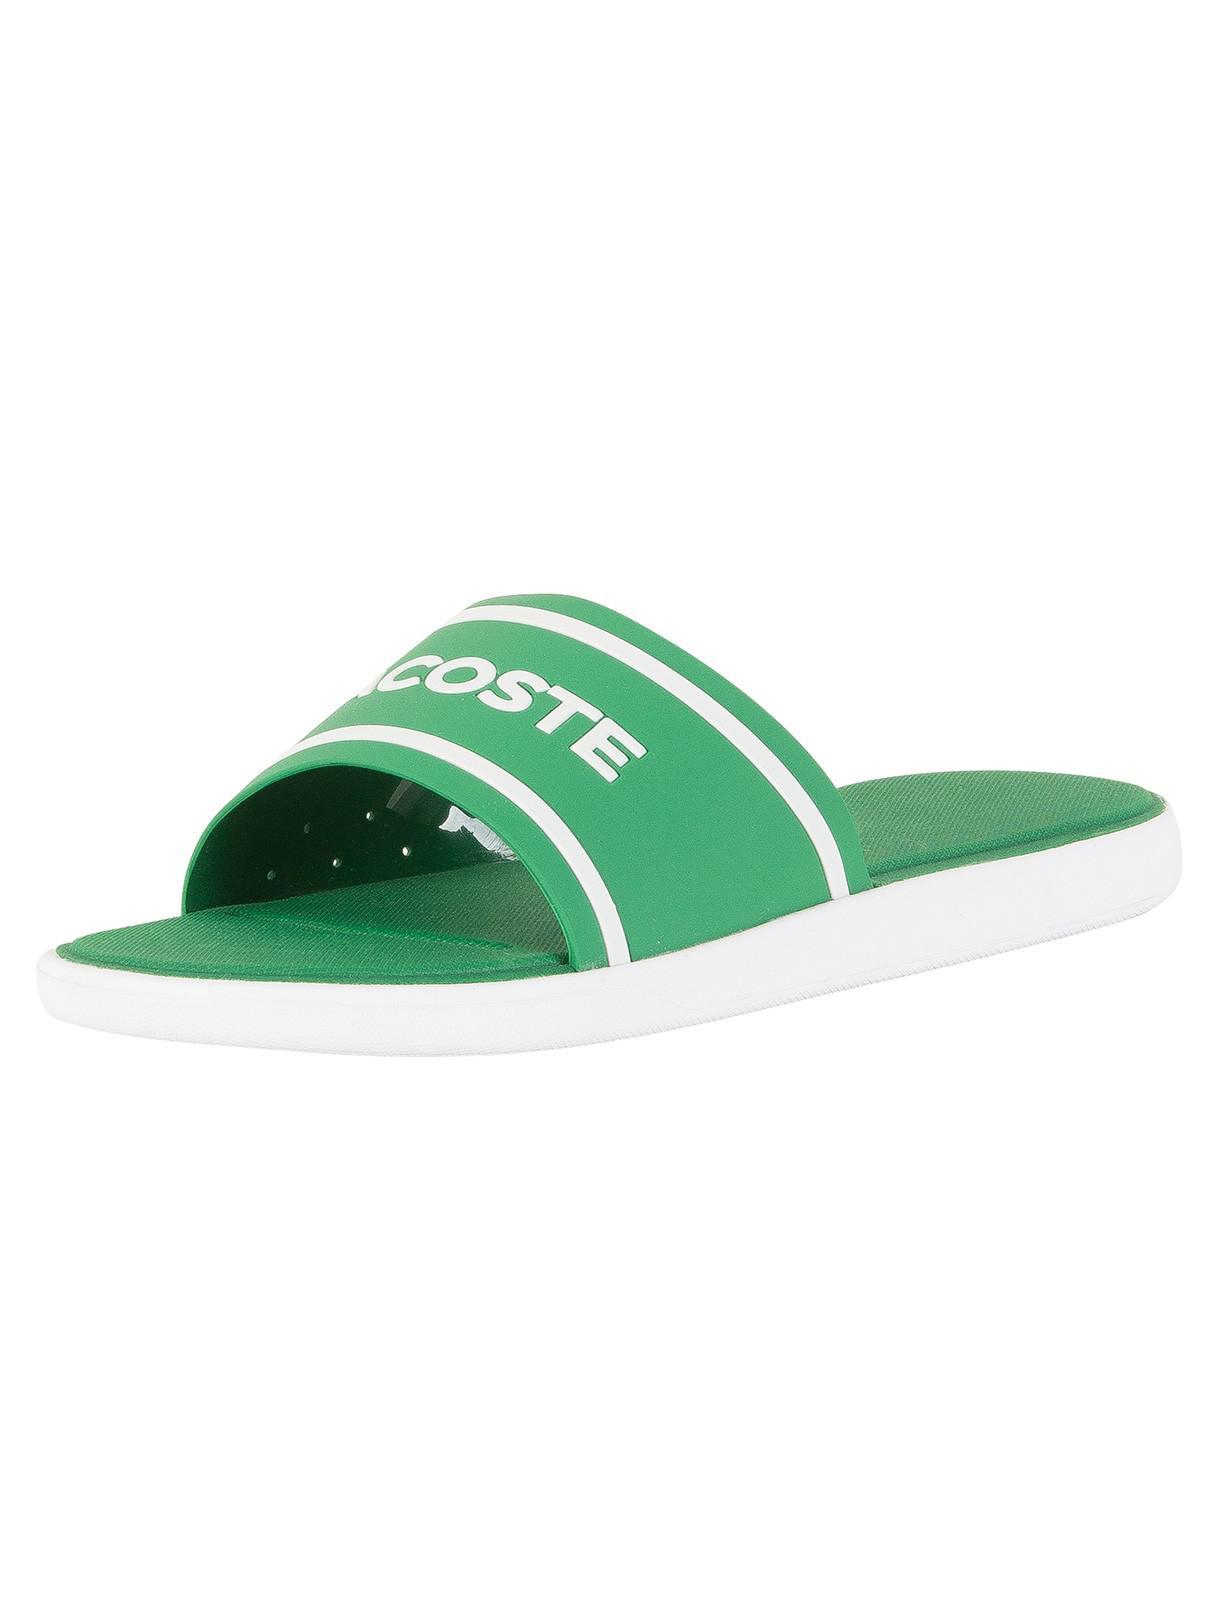 0f4bd7f0bd4b6 Lyst - Lacoste Green white L.30 Slide 118 3 Cam Flip Flops in Green ...